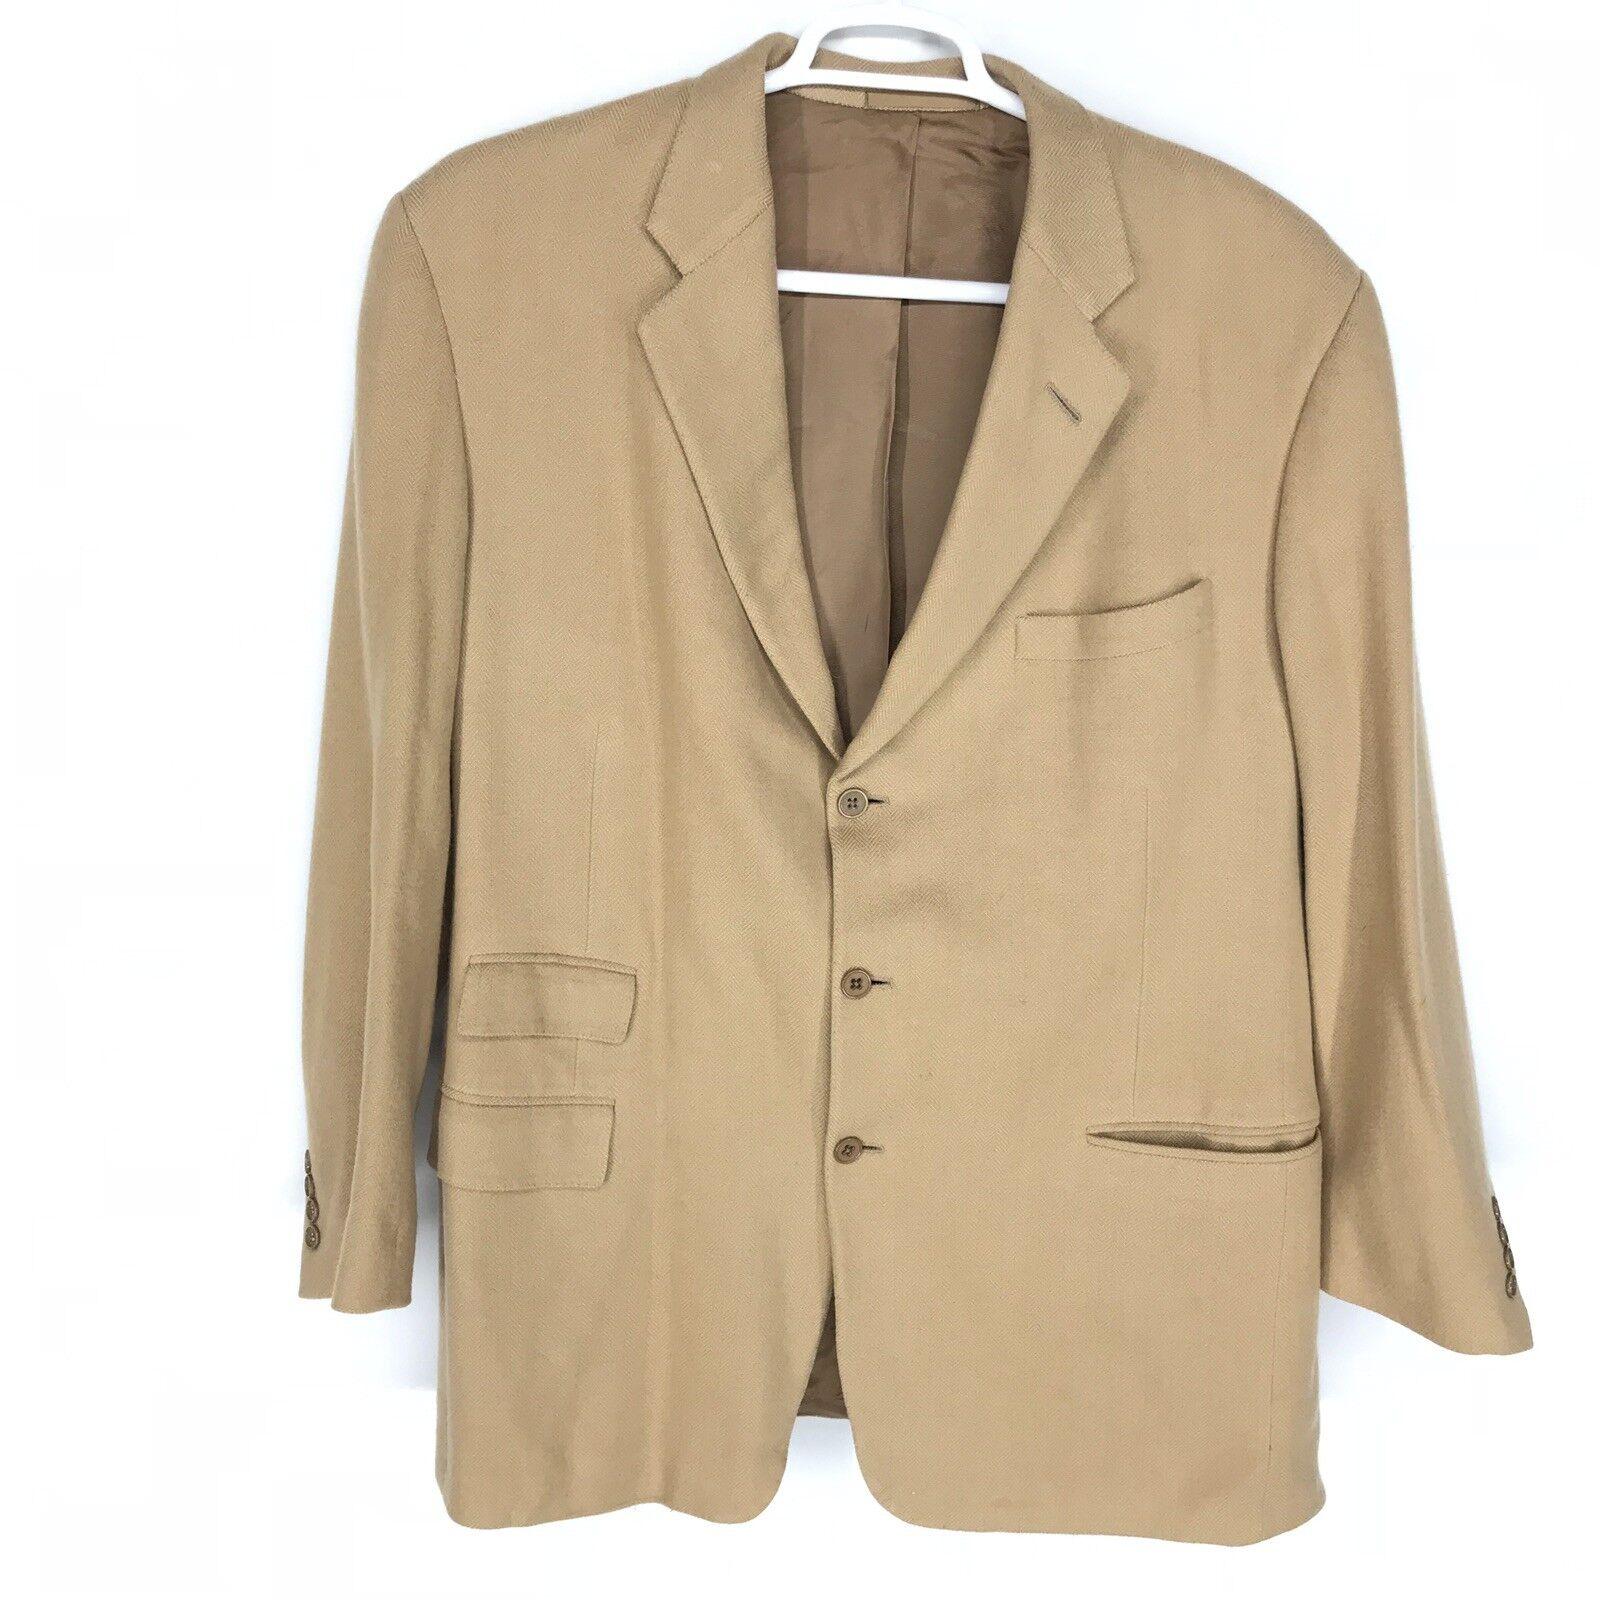 Ralph Lauren lila Label 100% Cashmere Tan 2 Vent Blazer 46 Long MINT